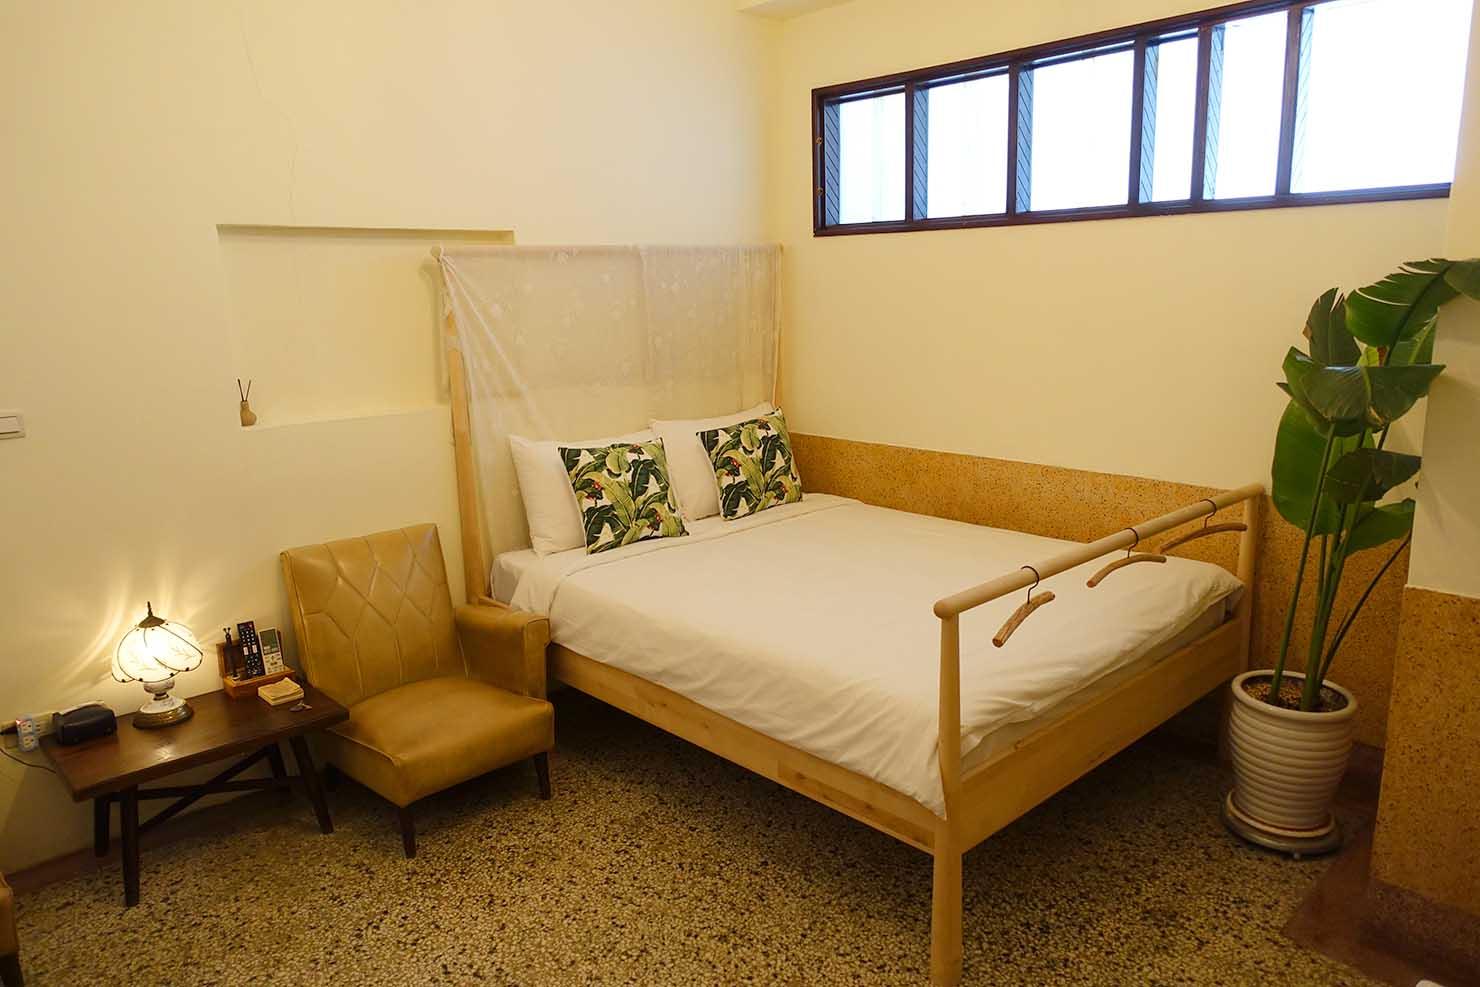 台南・神農街の古民家ゲストハウス「Goin」のデラックスルーム